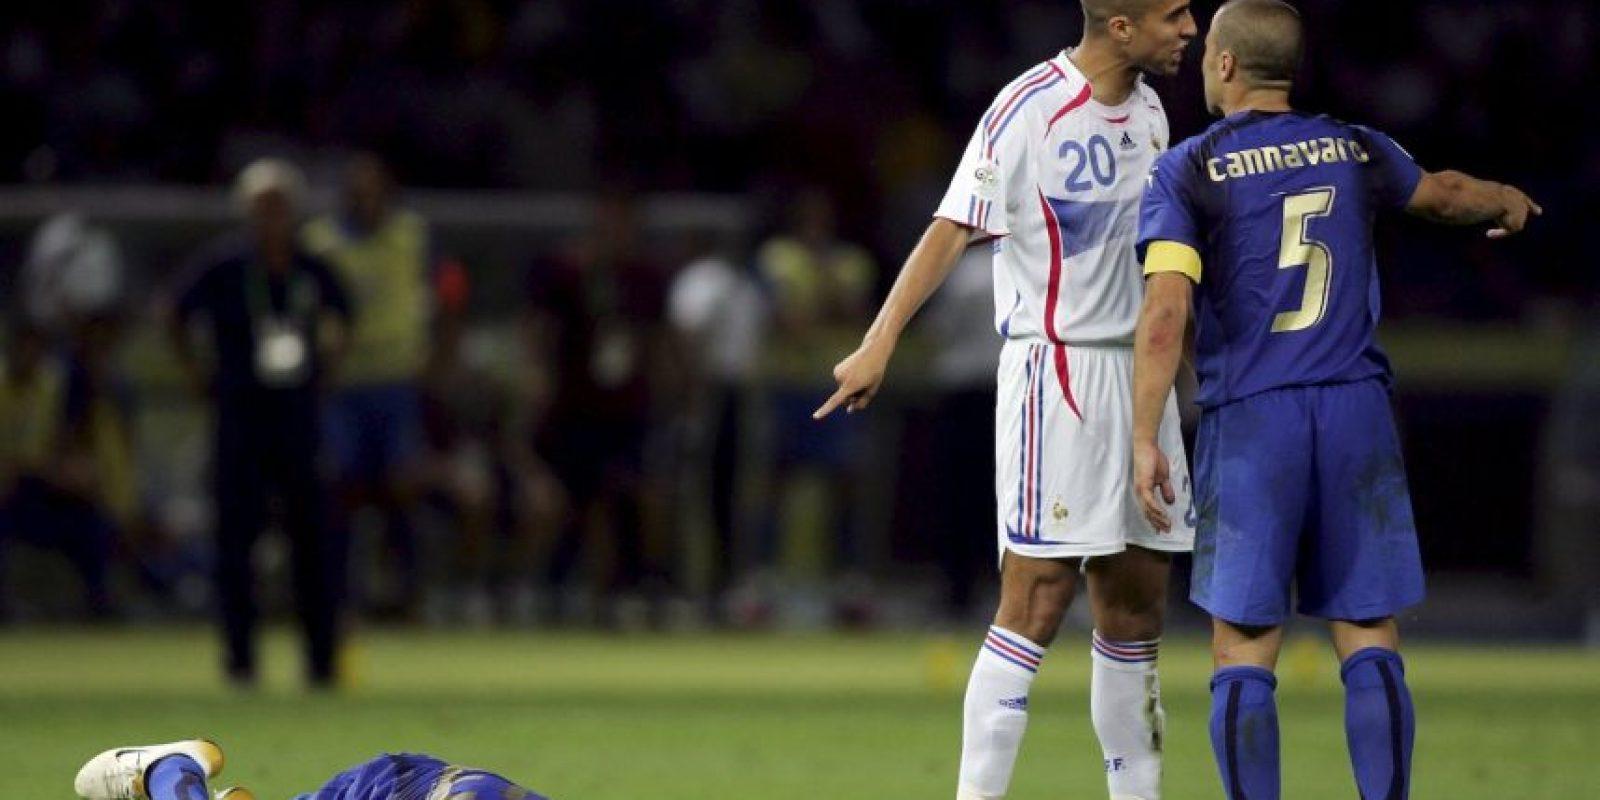 """En la final del Mundial de 2006, Marco Materazzi sacó de sus casillas a """"Zizou"""", quien le dio un cabezazo en el pecho y se fue expulsado Foto:Getty Images"""